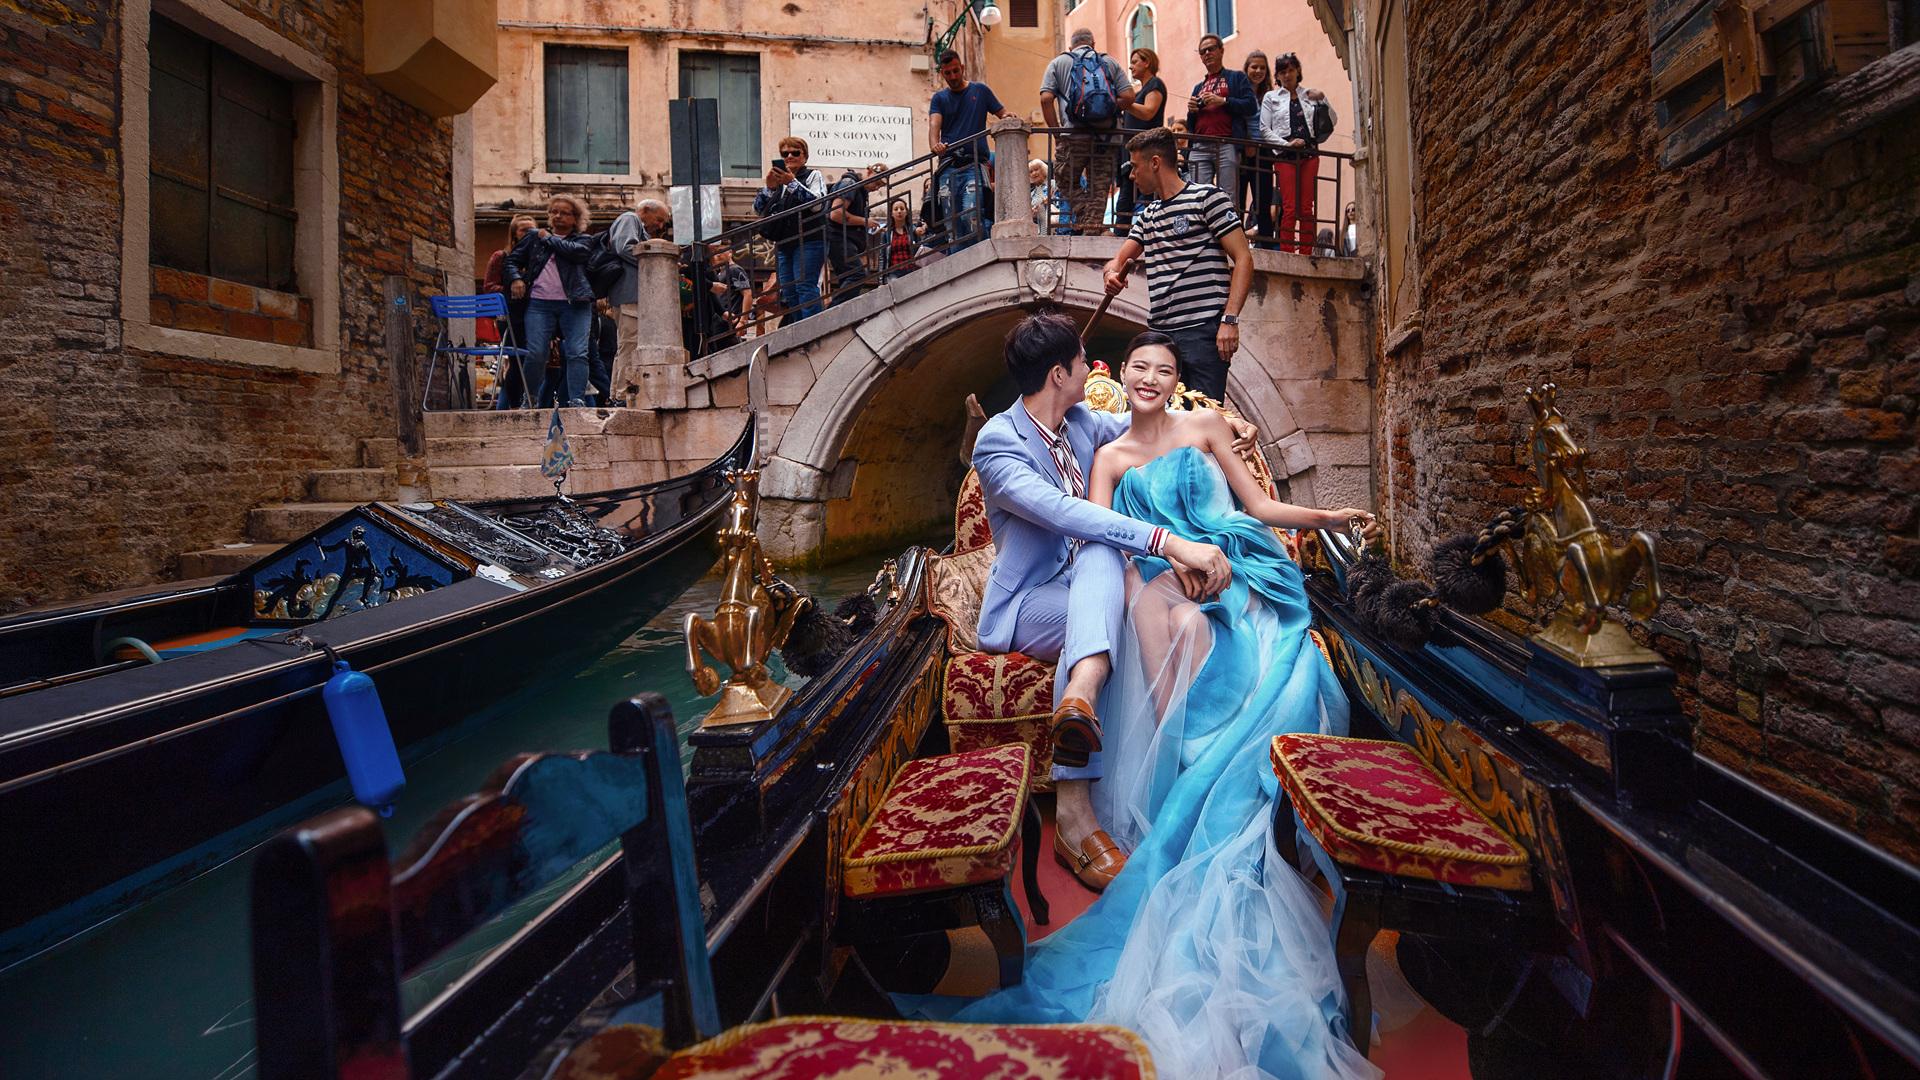 街拍婚纱照怎么拍出质感 厦门婚纱照拍摄技巧分享